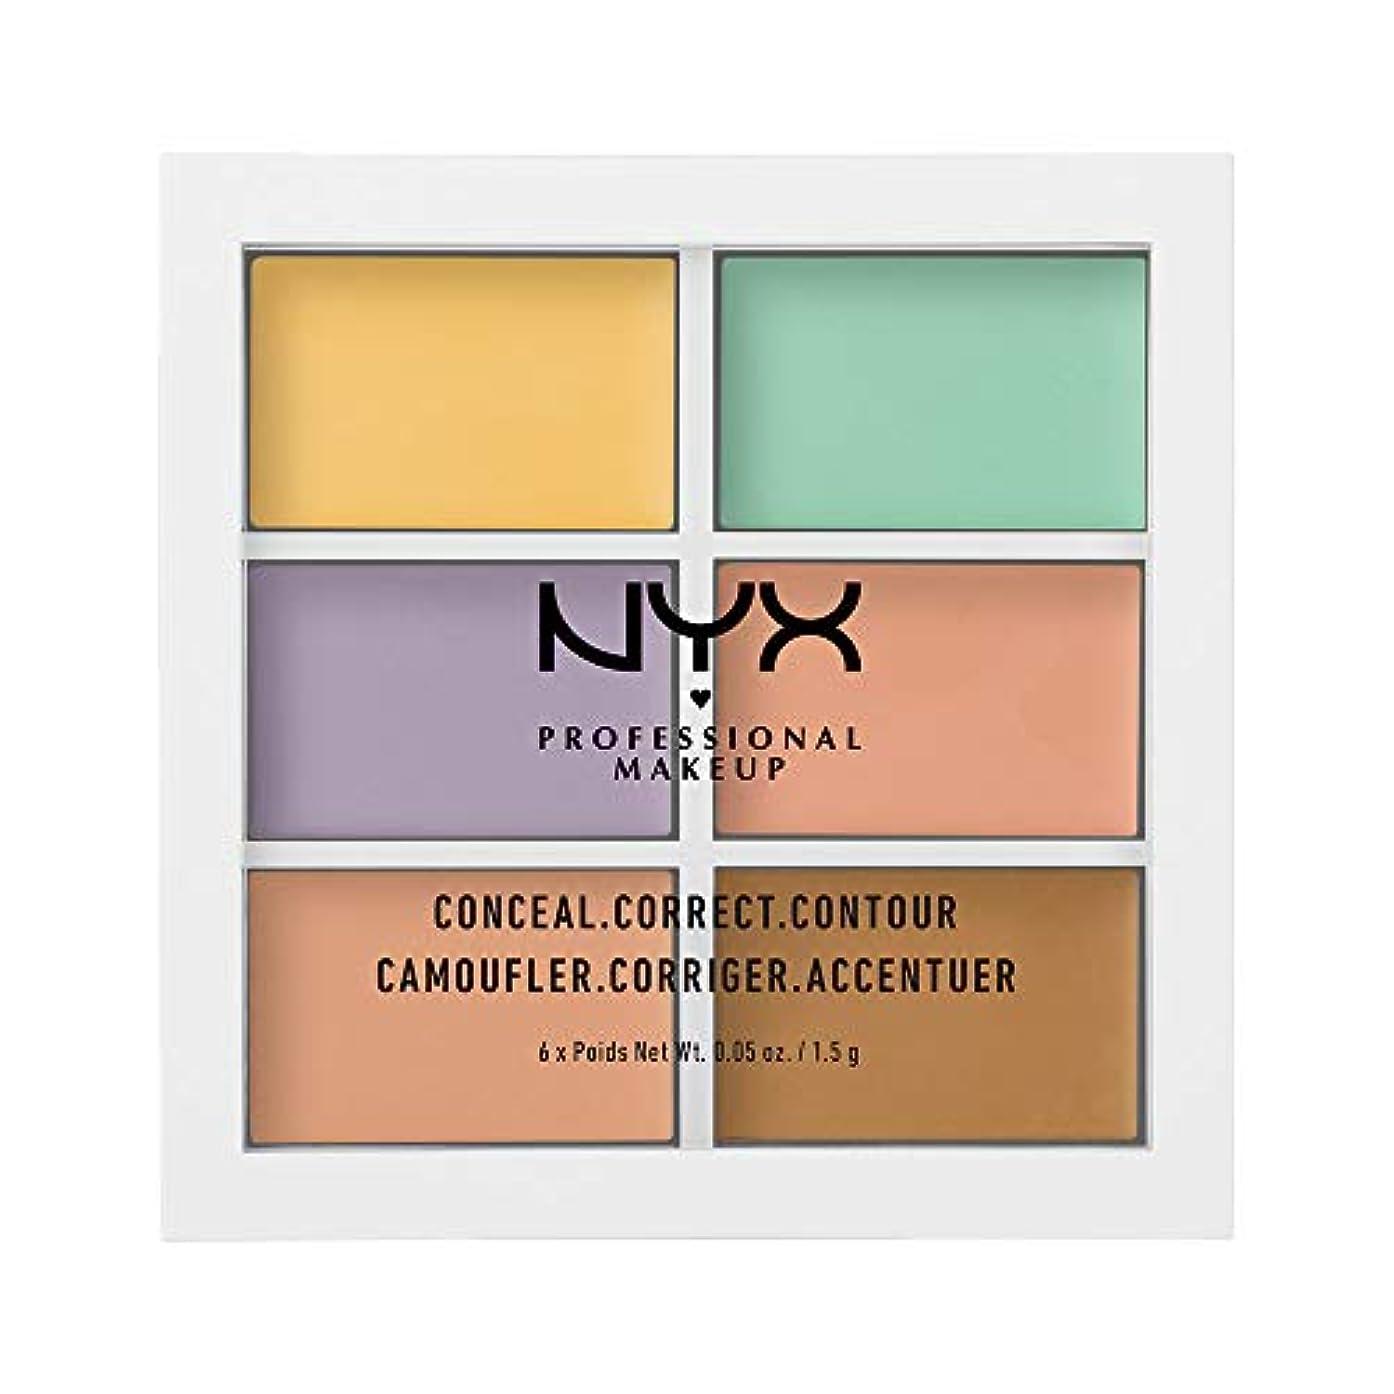 保安品種距離NYX(ニックス) コンシール コレクト コントゥアー パレット A 04 カラーコンシーラー